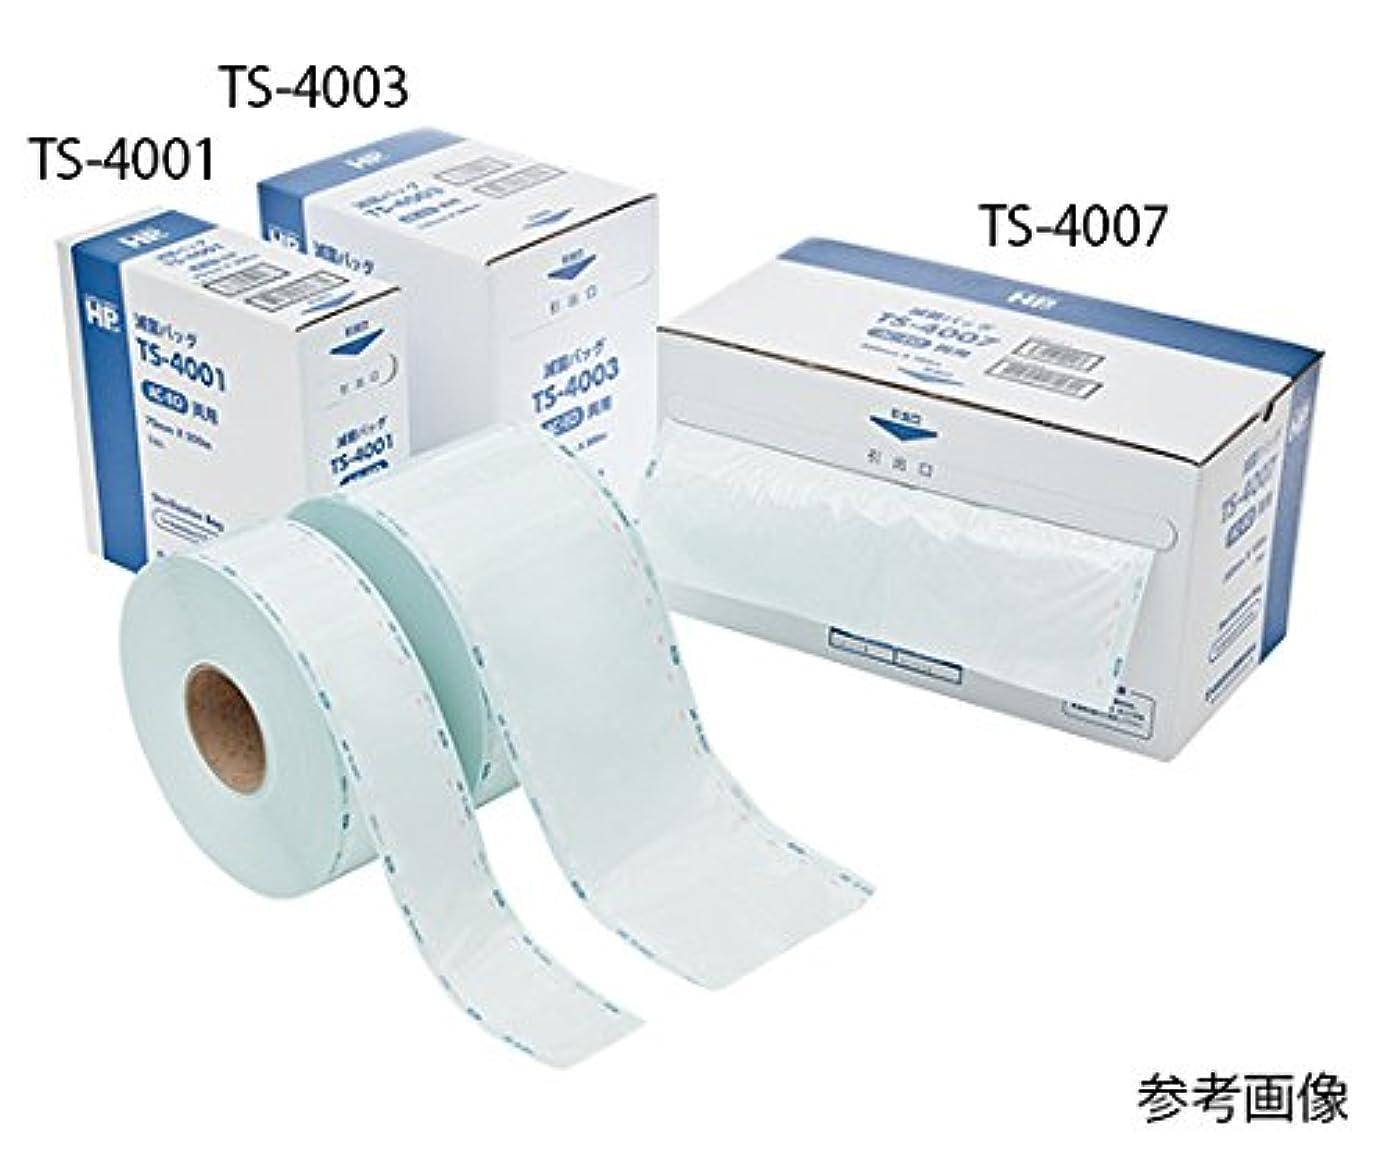 関係ぼろスペル日油技研工業61-0185-75AC/EOガス滅菌バッグTS-4003